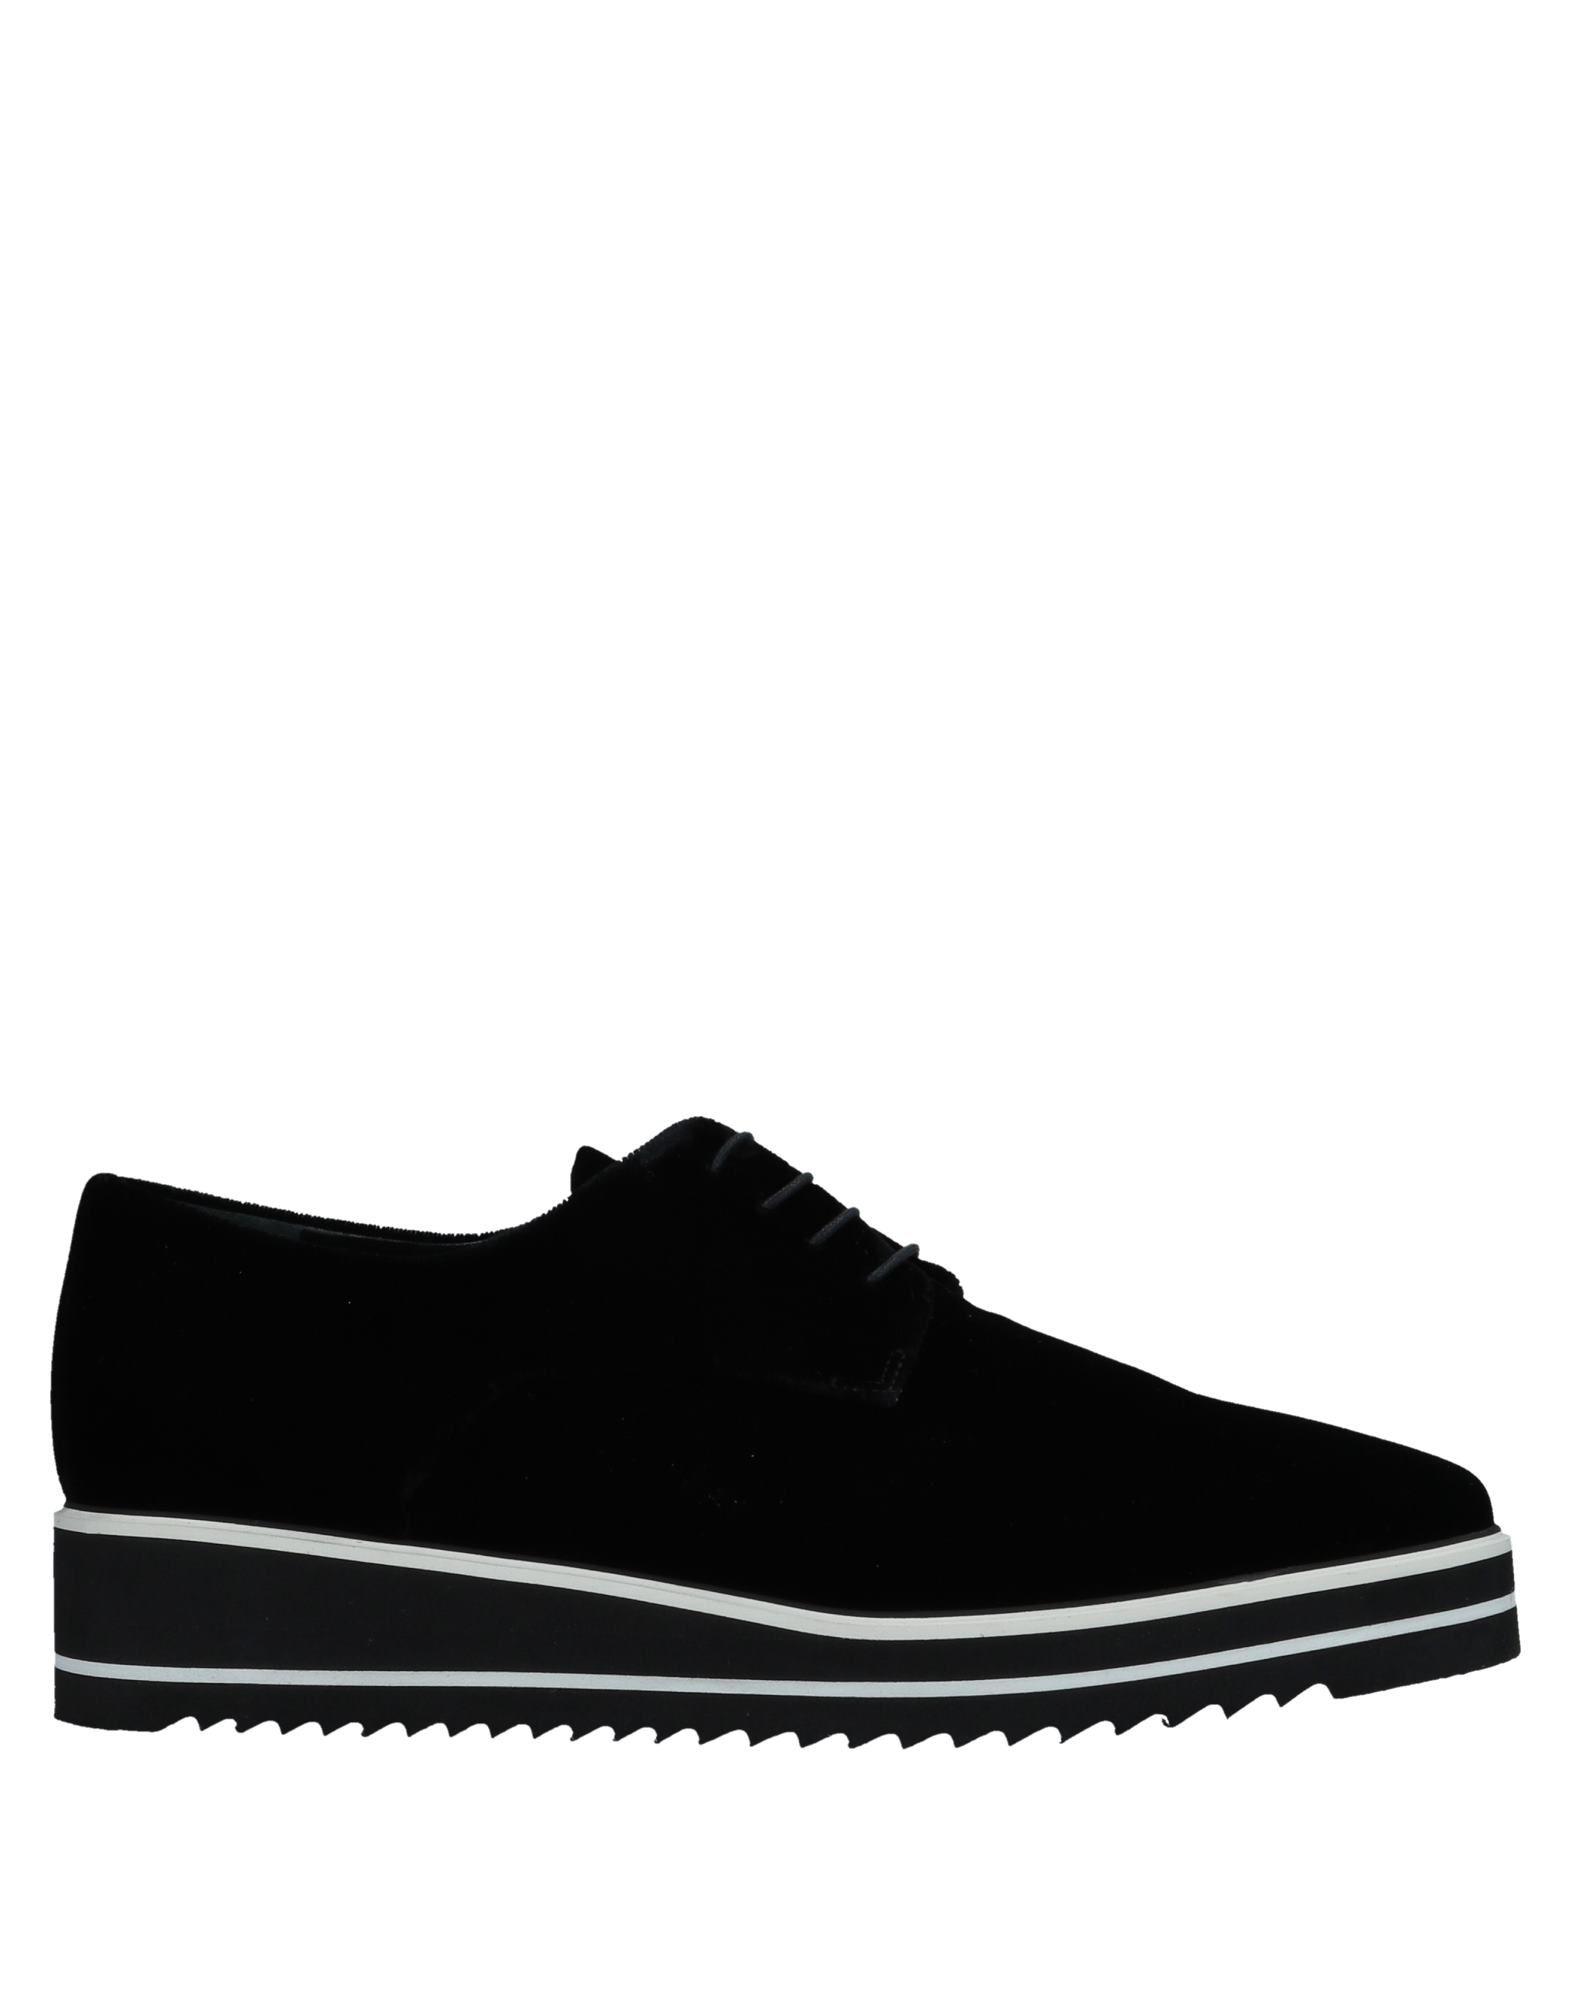 Premiata Schnürschuhe Damen  11529276RBGut aussehende strapazierfähige Schuhe